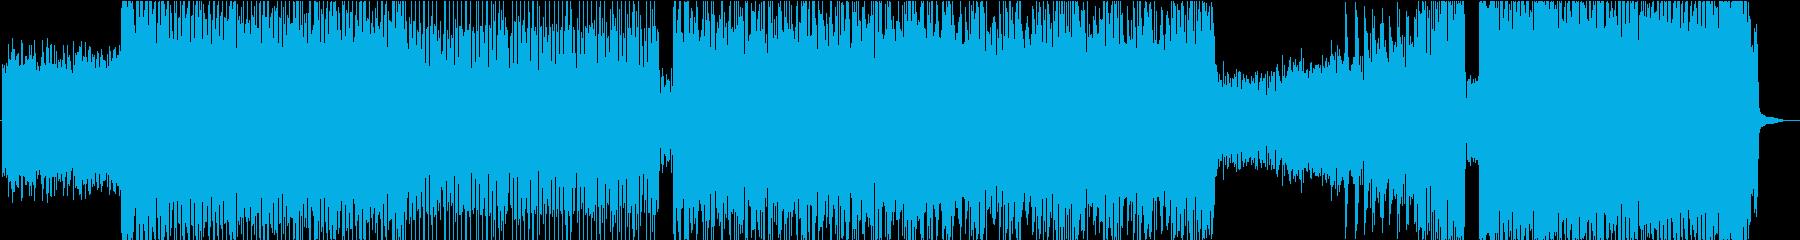 ひたすら激しいメタルロック Aの再生済みの波形